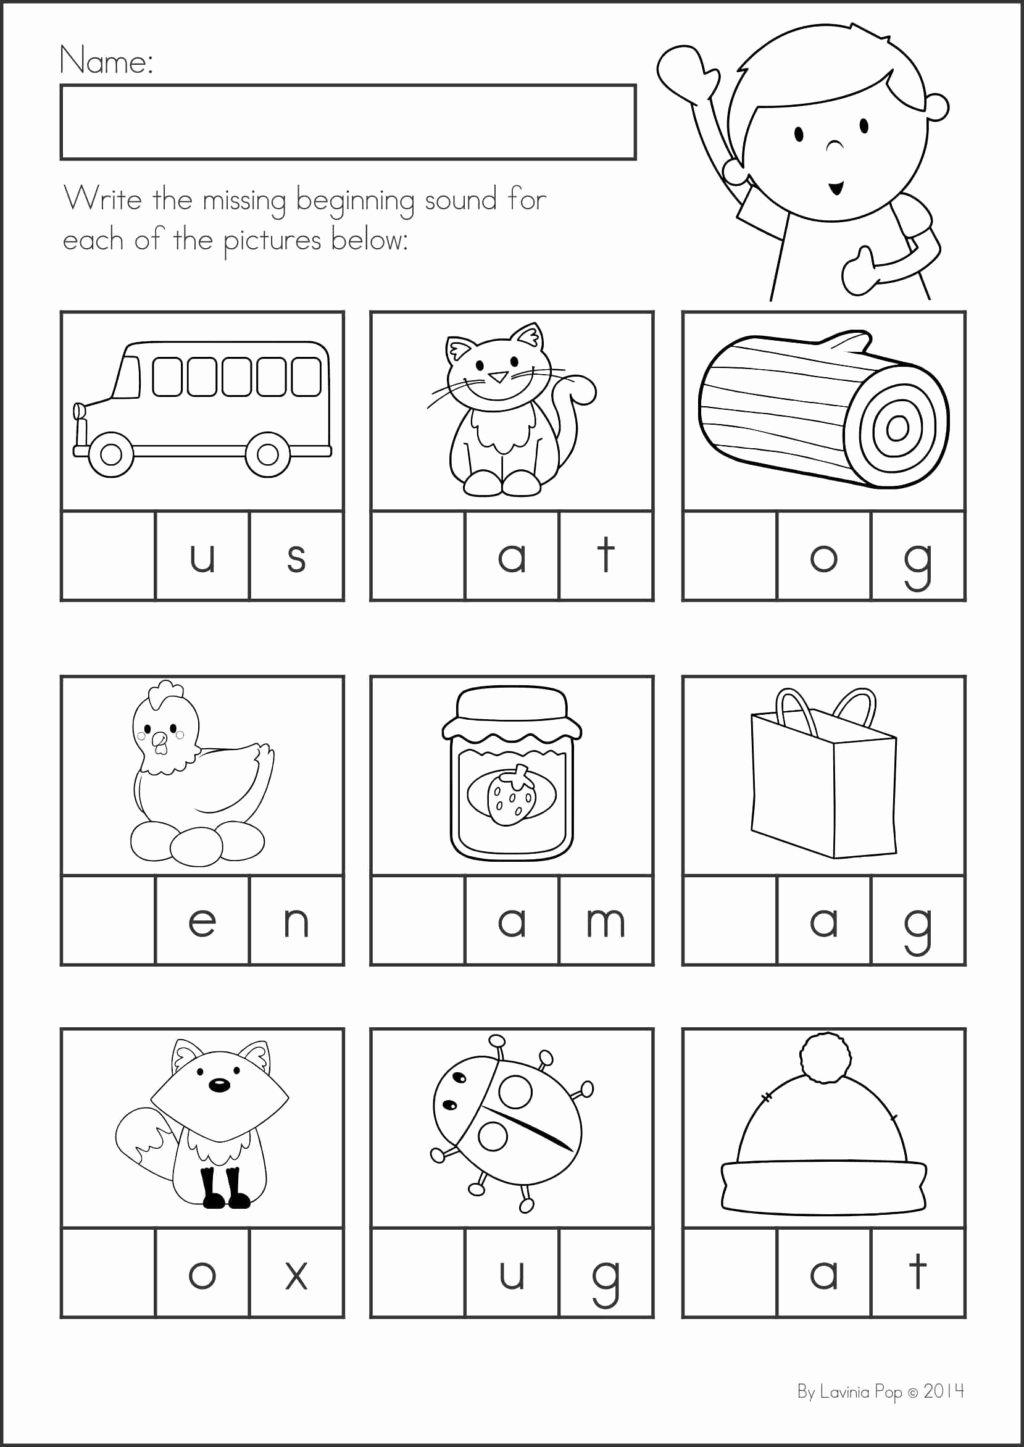 Free Educational Worksheets for Preschoolers Free Worksheet Educational Worksheets for Preschoolers